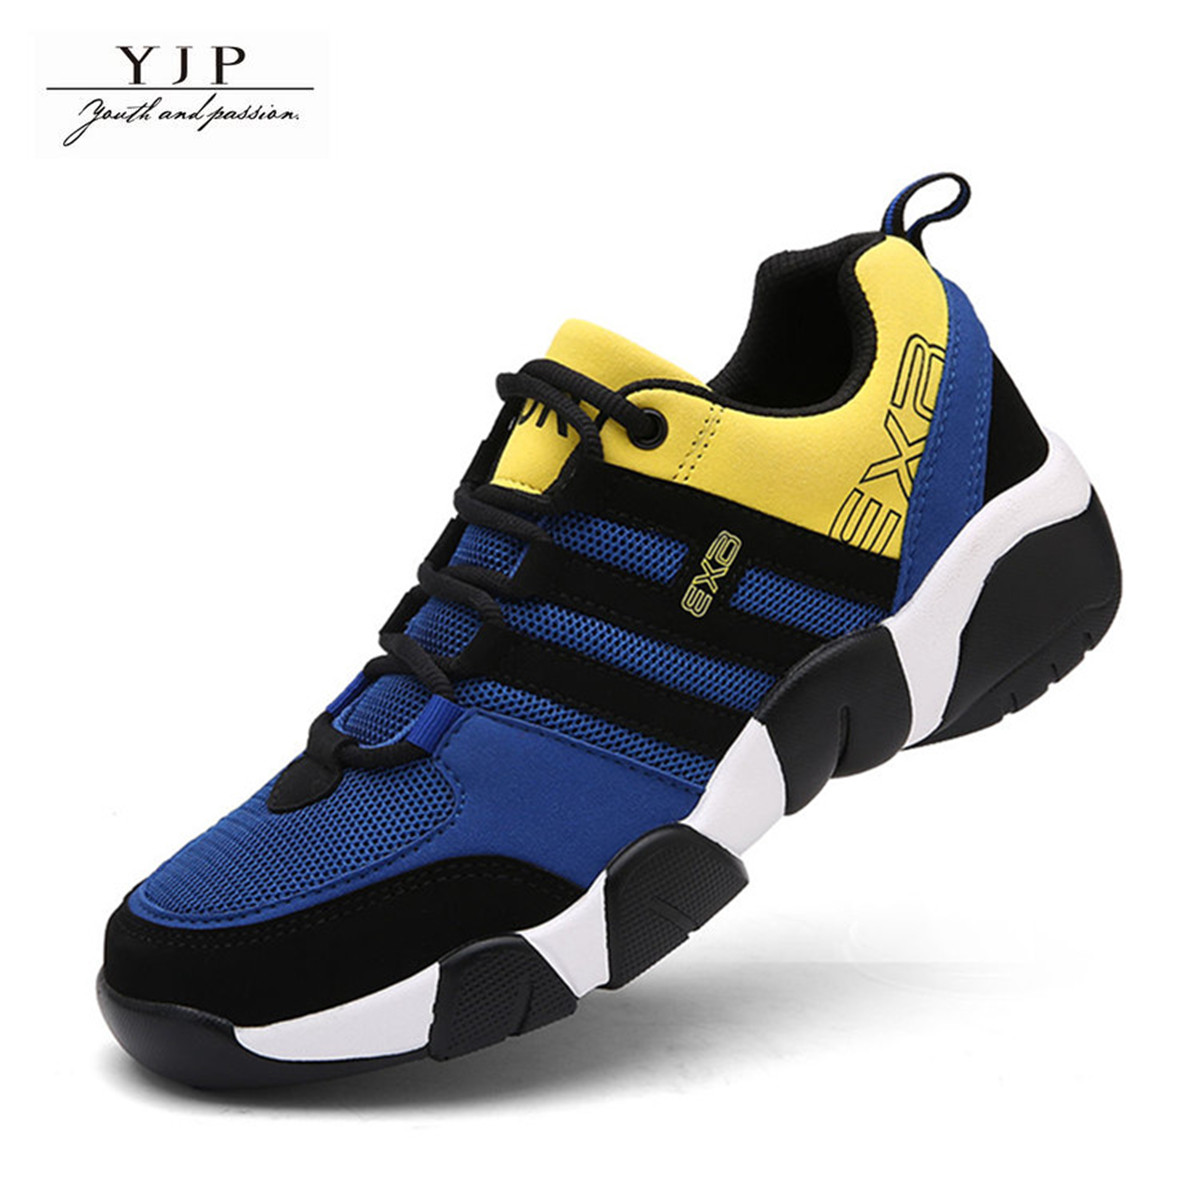 YJP Men's Sneakers Athletic Running